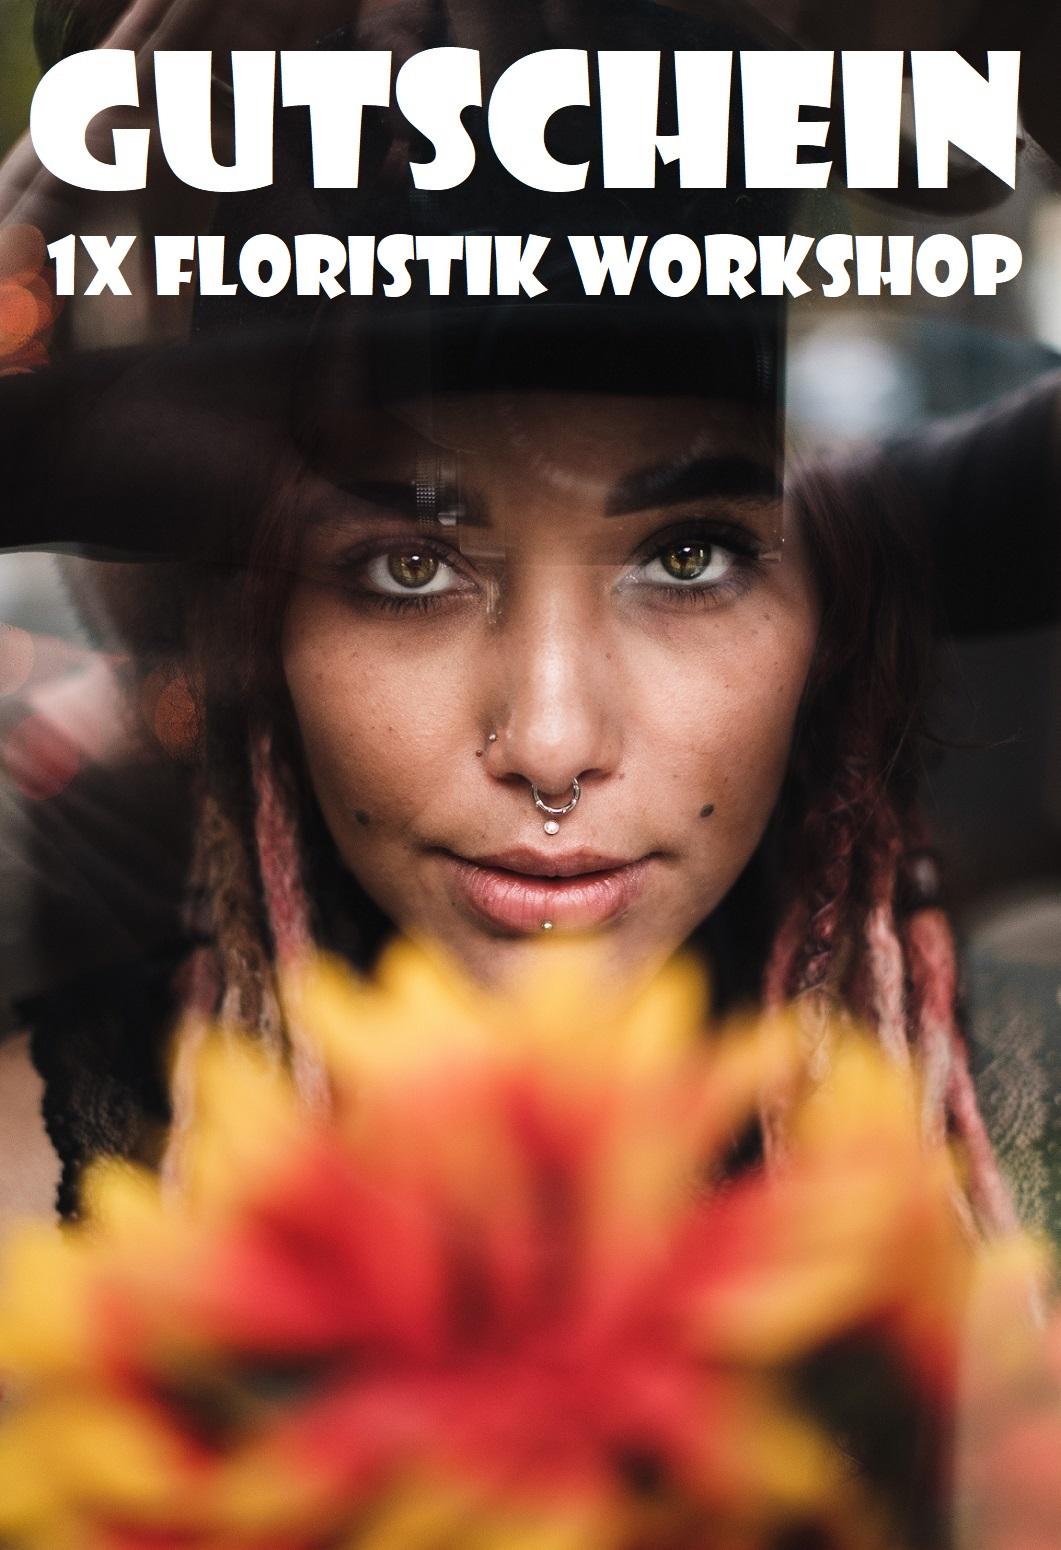 Gutscheinvorlage für Floristik Workshops